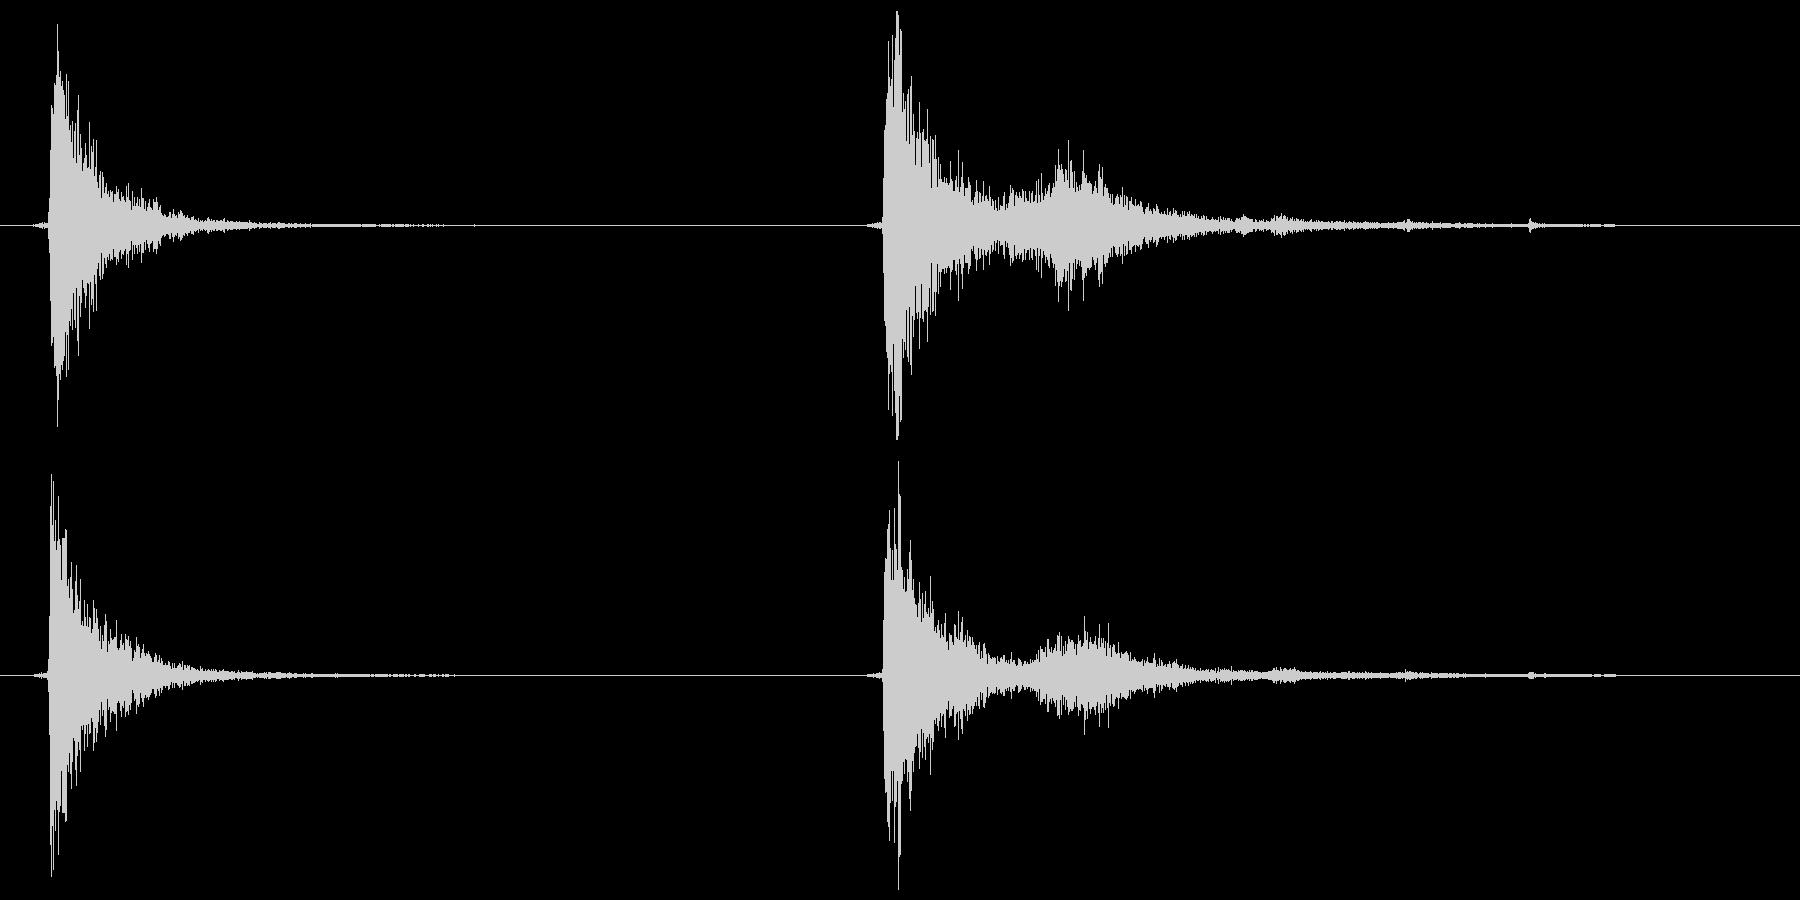 テレビ/ブラウン管 カッ、コッ+チリッの未再生の波形